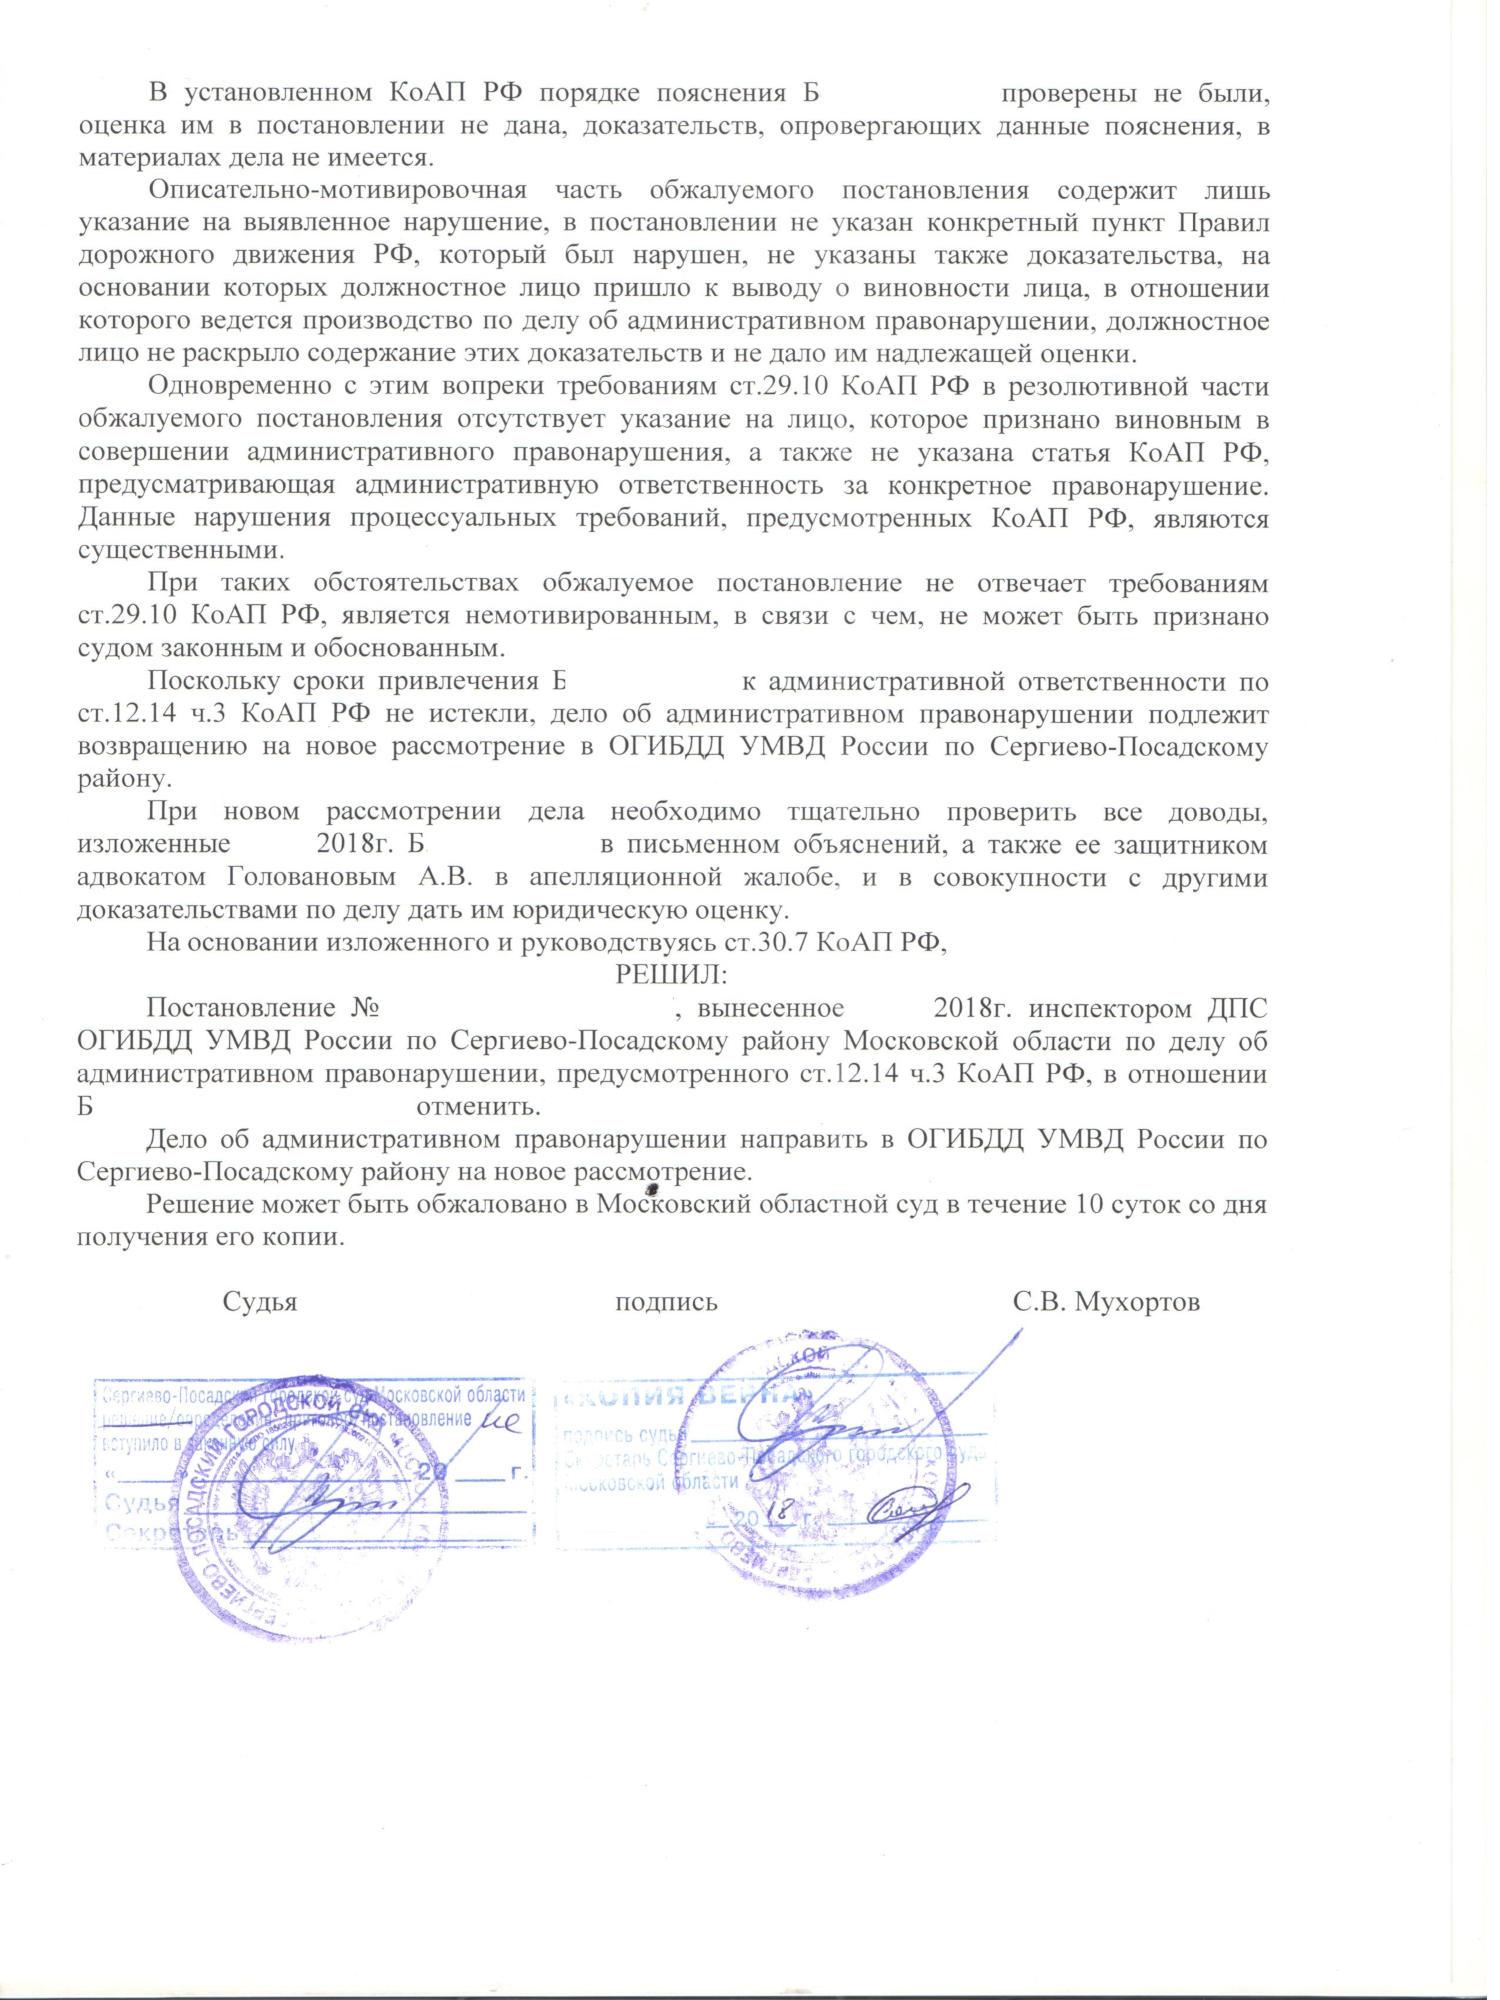 решение суда об отмене постановления инспектора ДПС